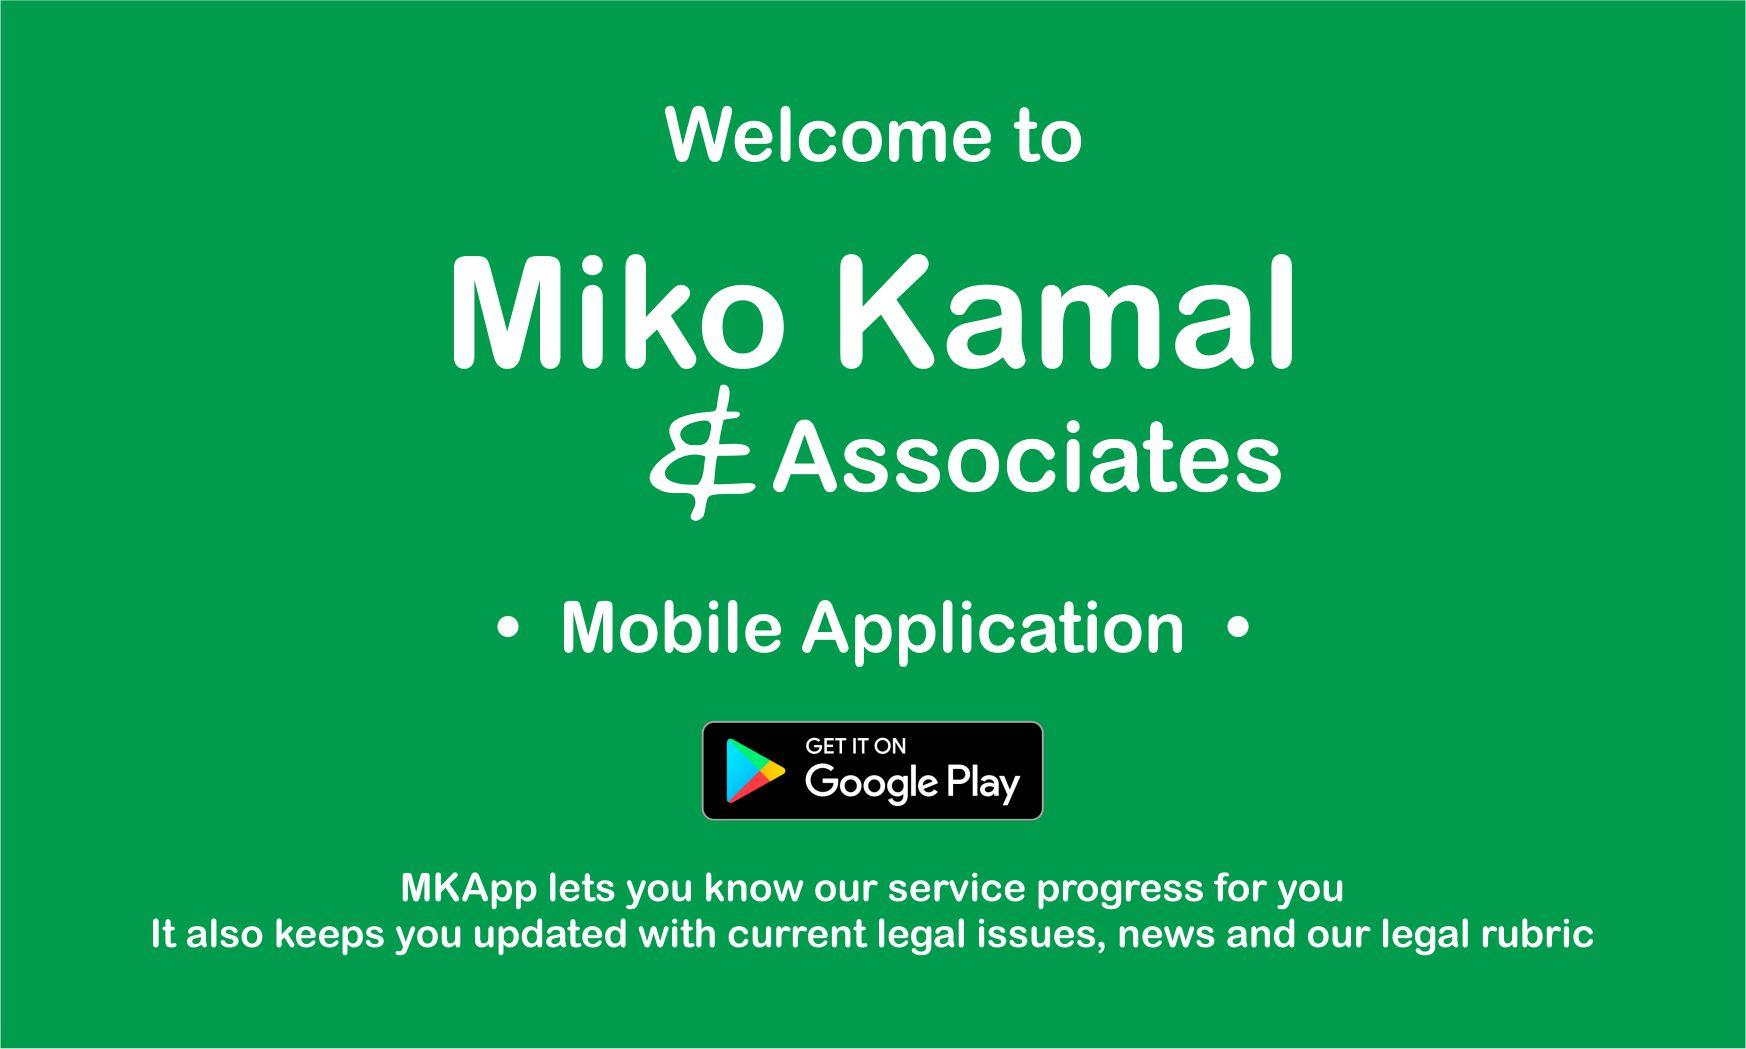 mka-meluncurkan-mkapp-sebagai-layanan-untuk-kliennya